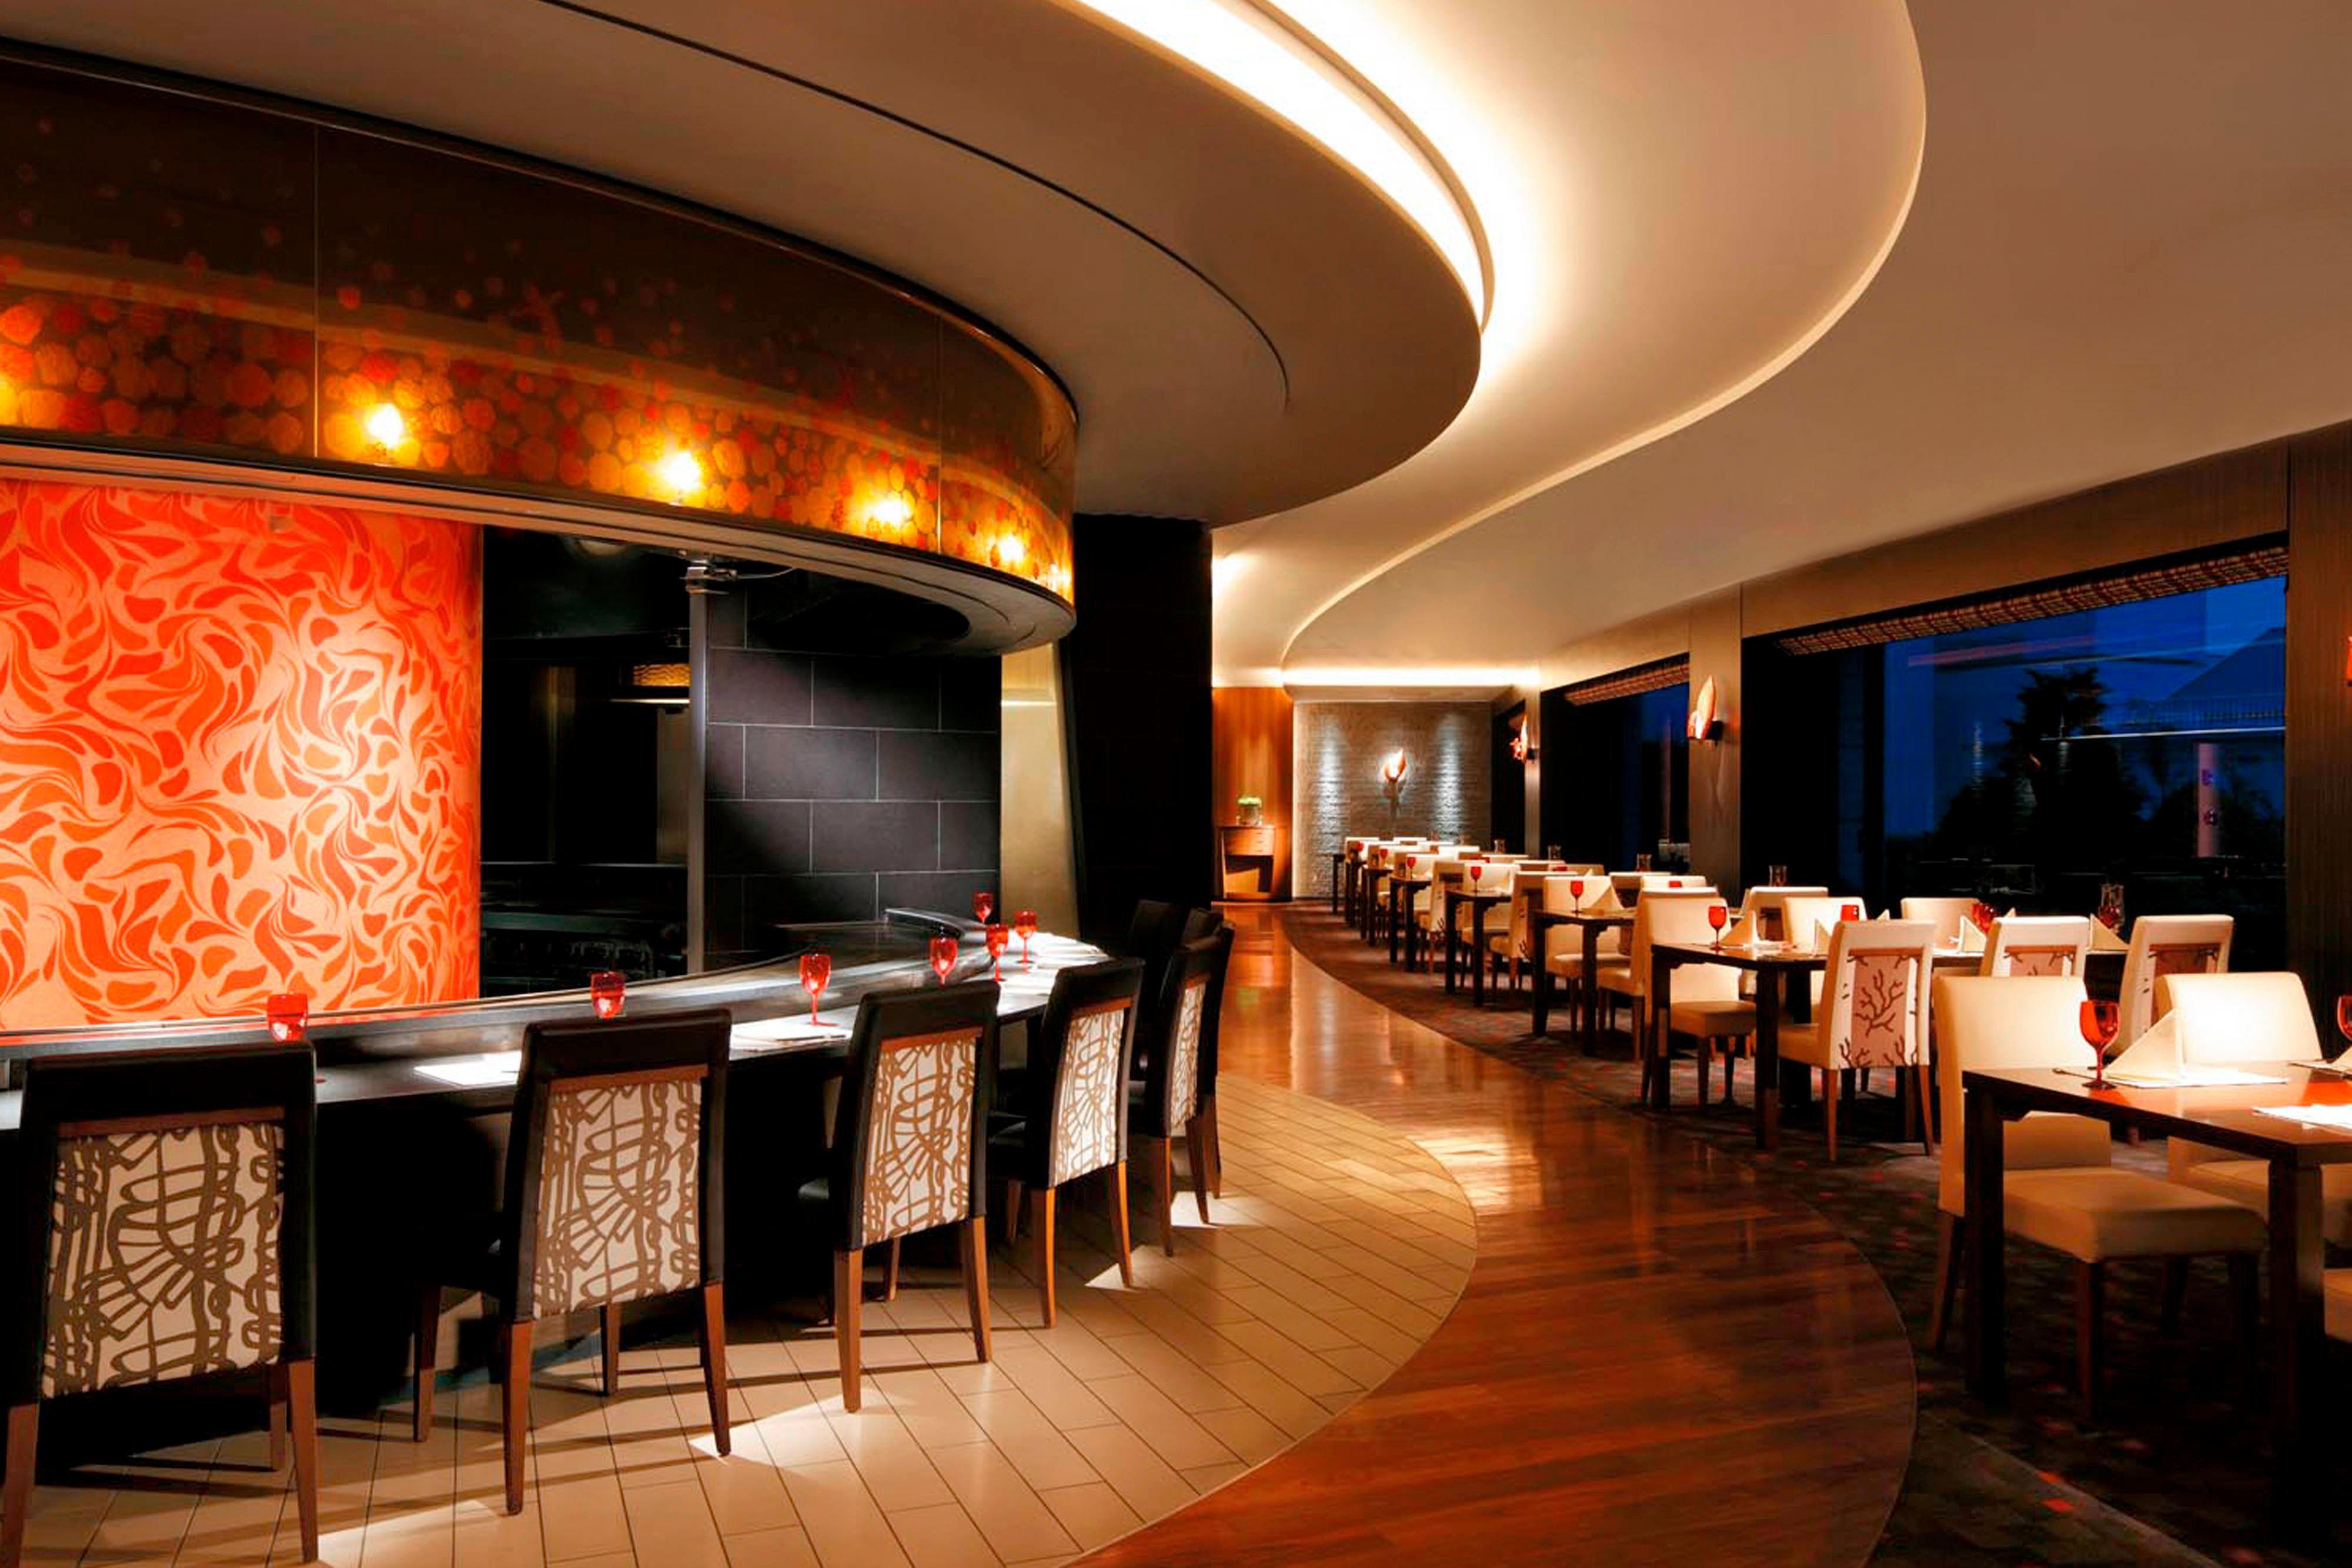 鉄板焼きレストラン「舞浜」